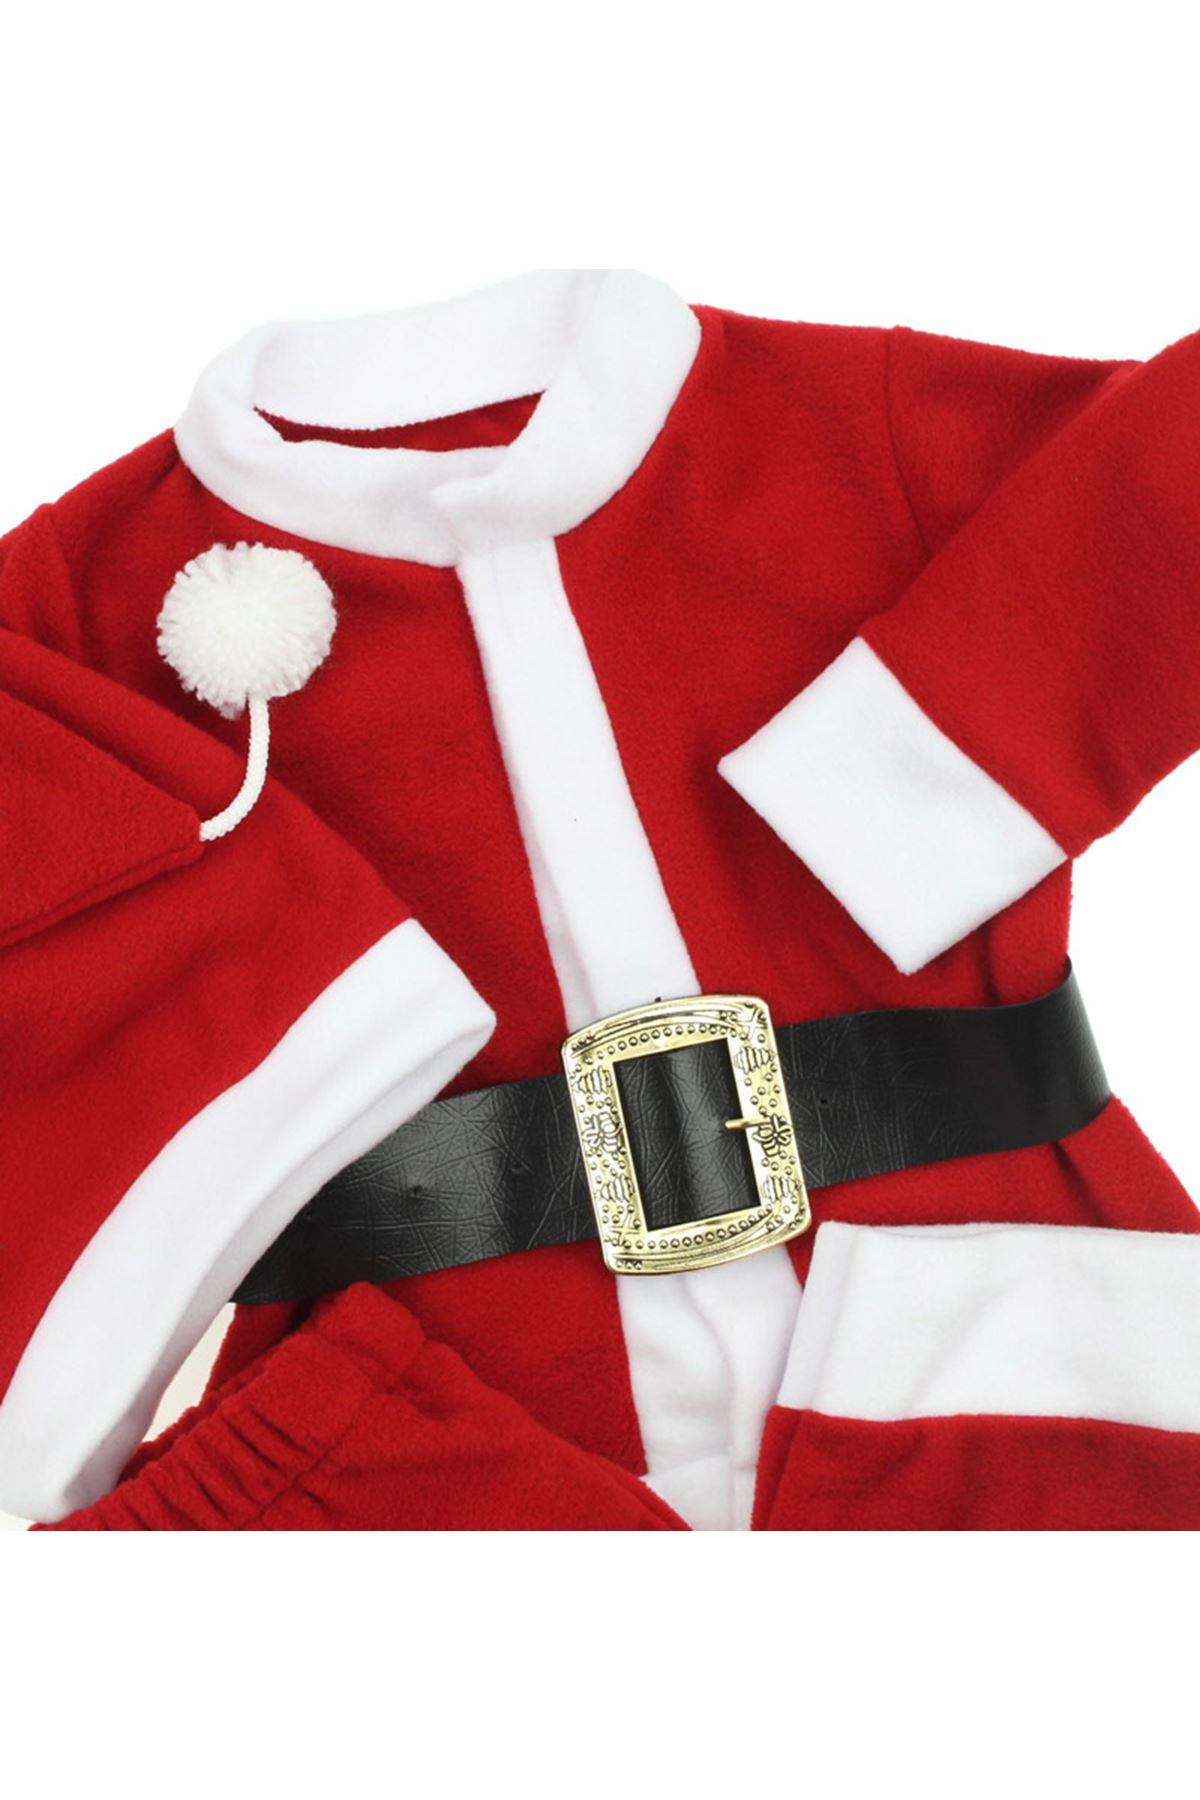 Erkek Bebek Noel Baba Kostüm